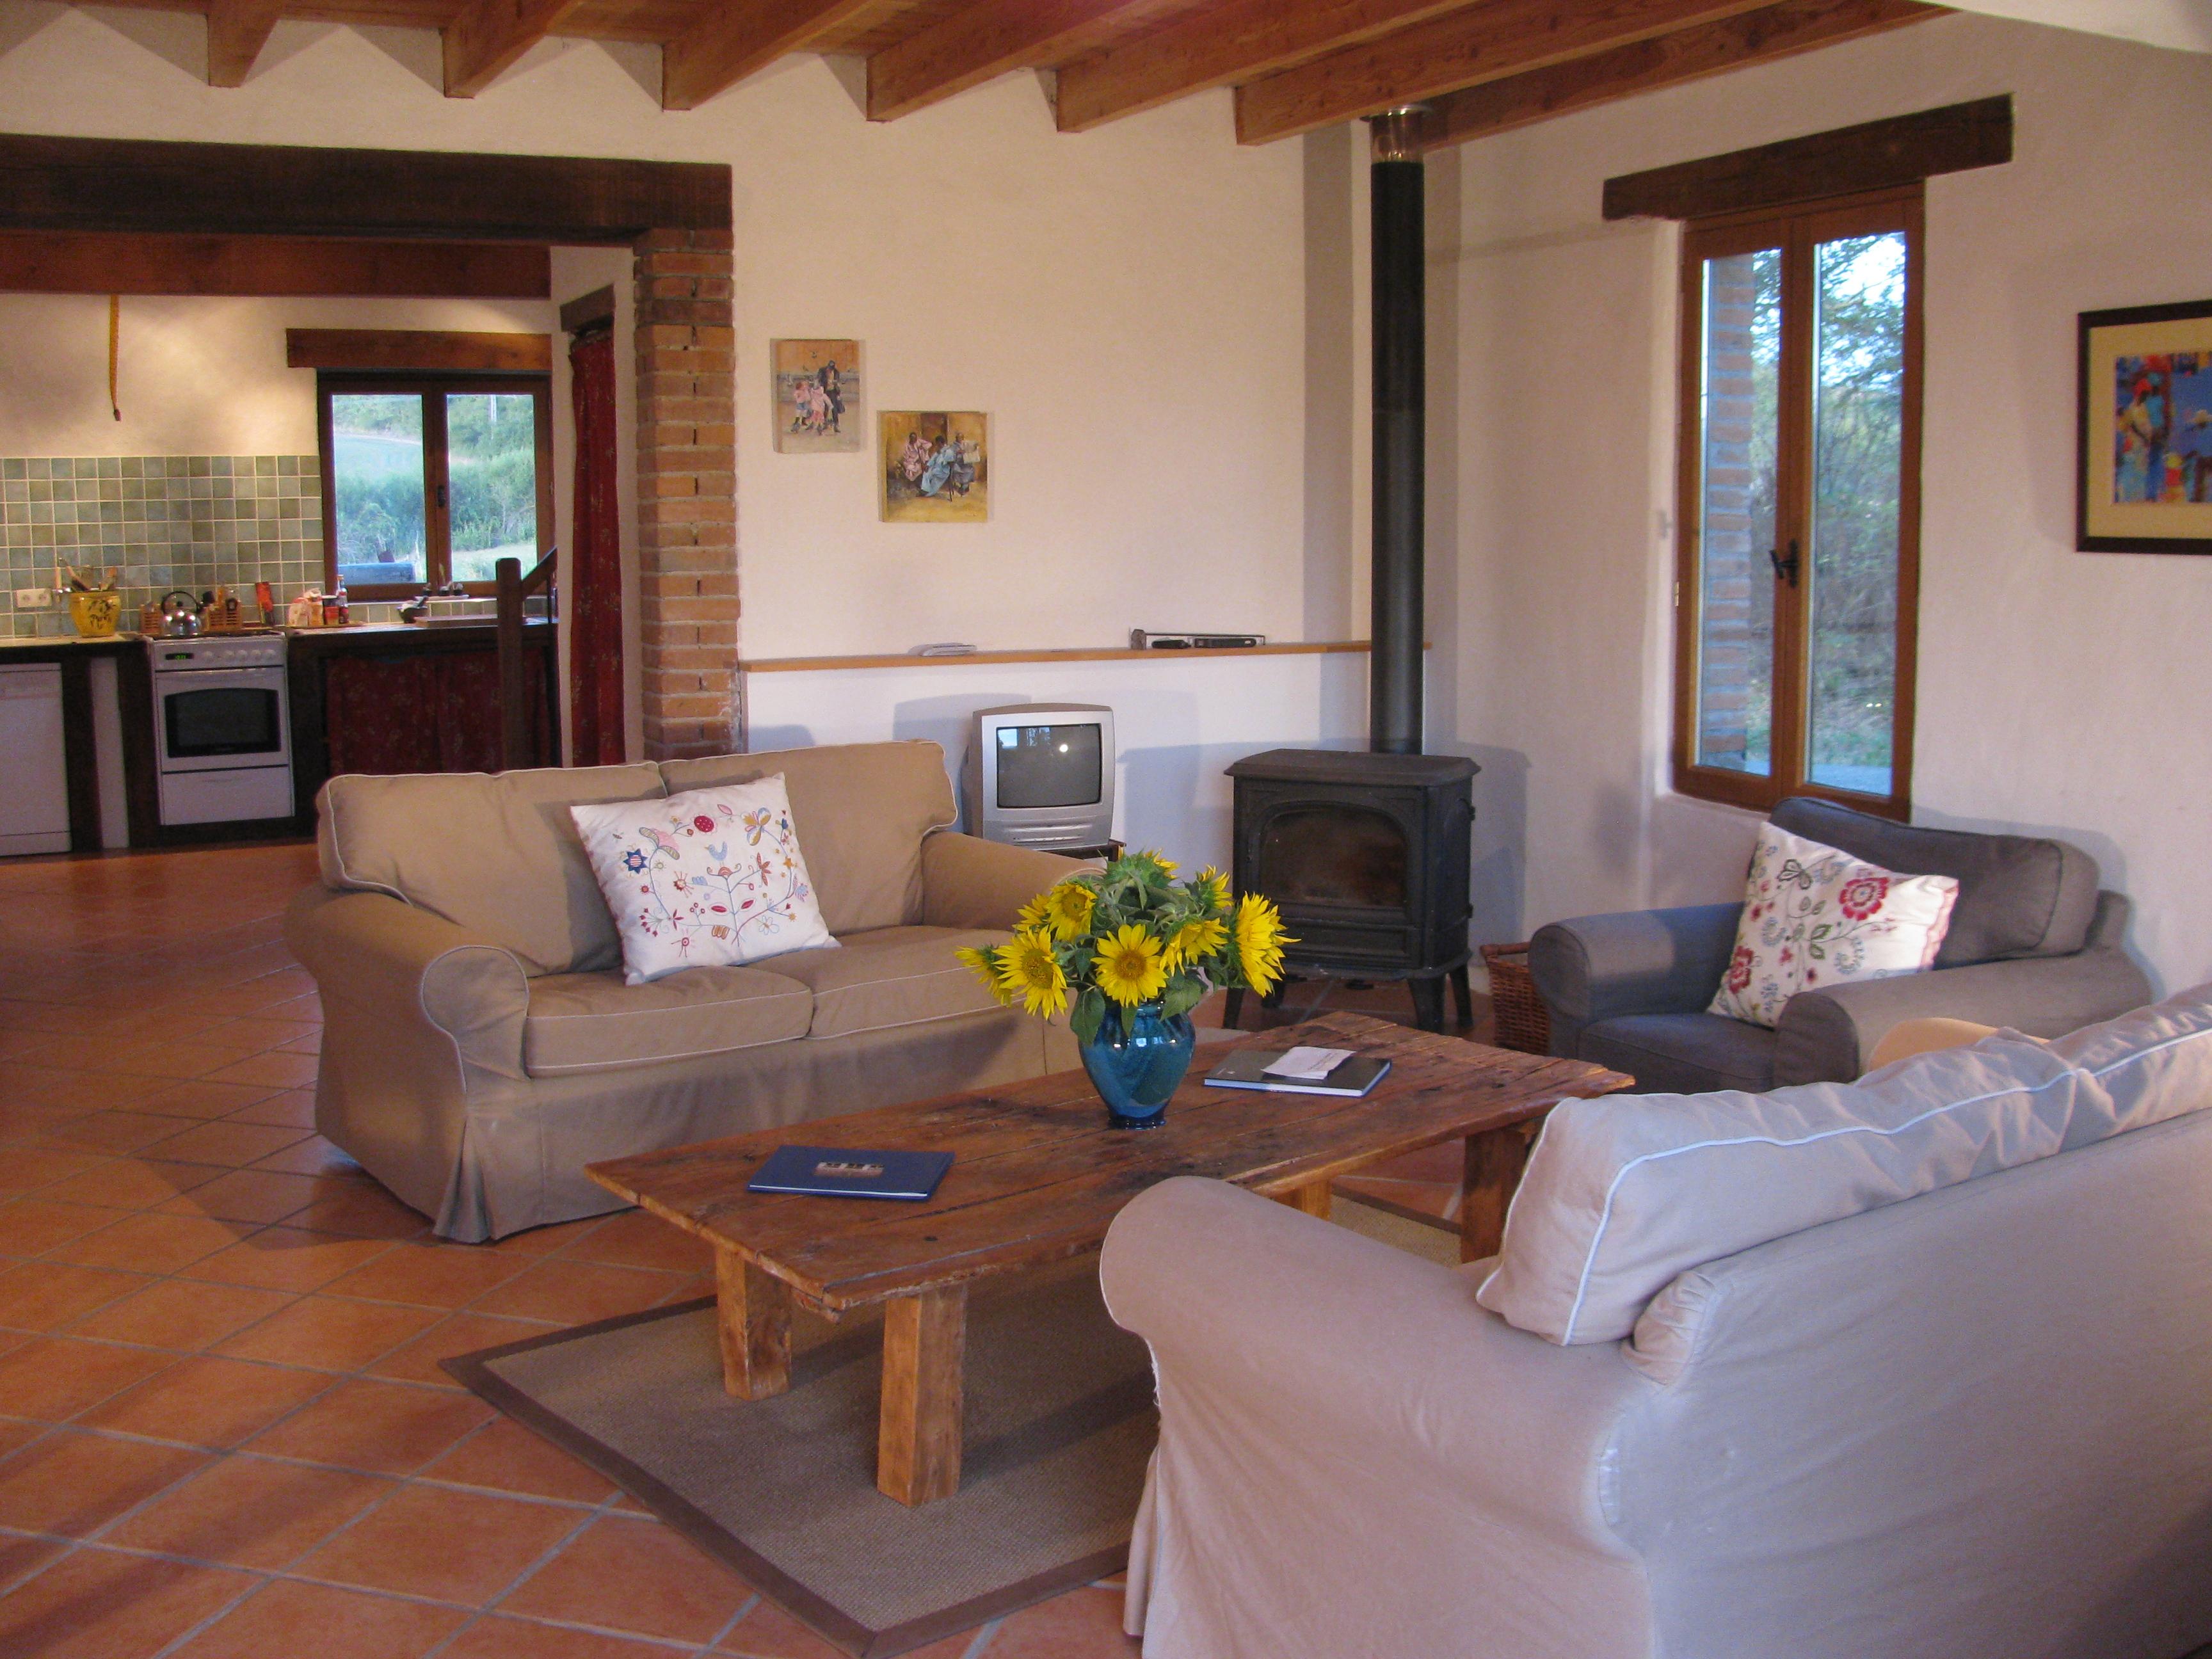 L'Ecurie - Sitting Room Area